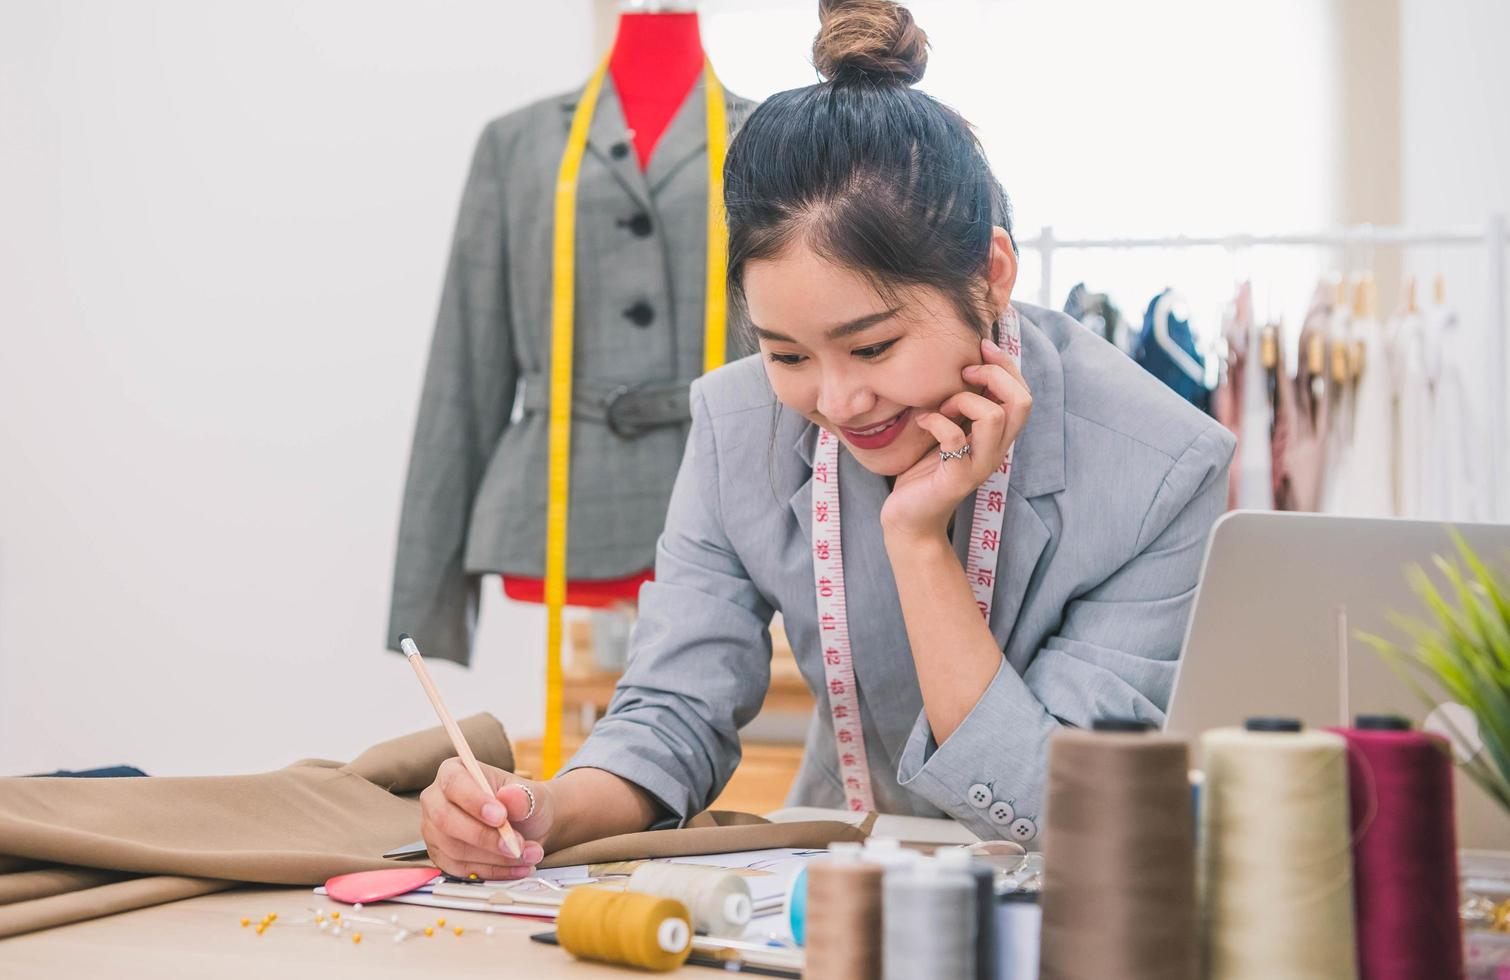 designer de moda mulher trabalhando no conceito foto